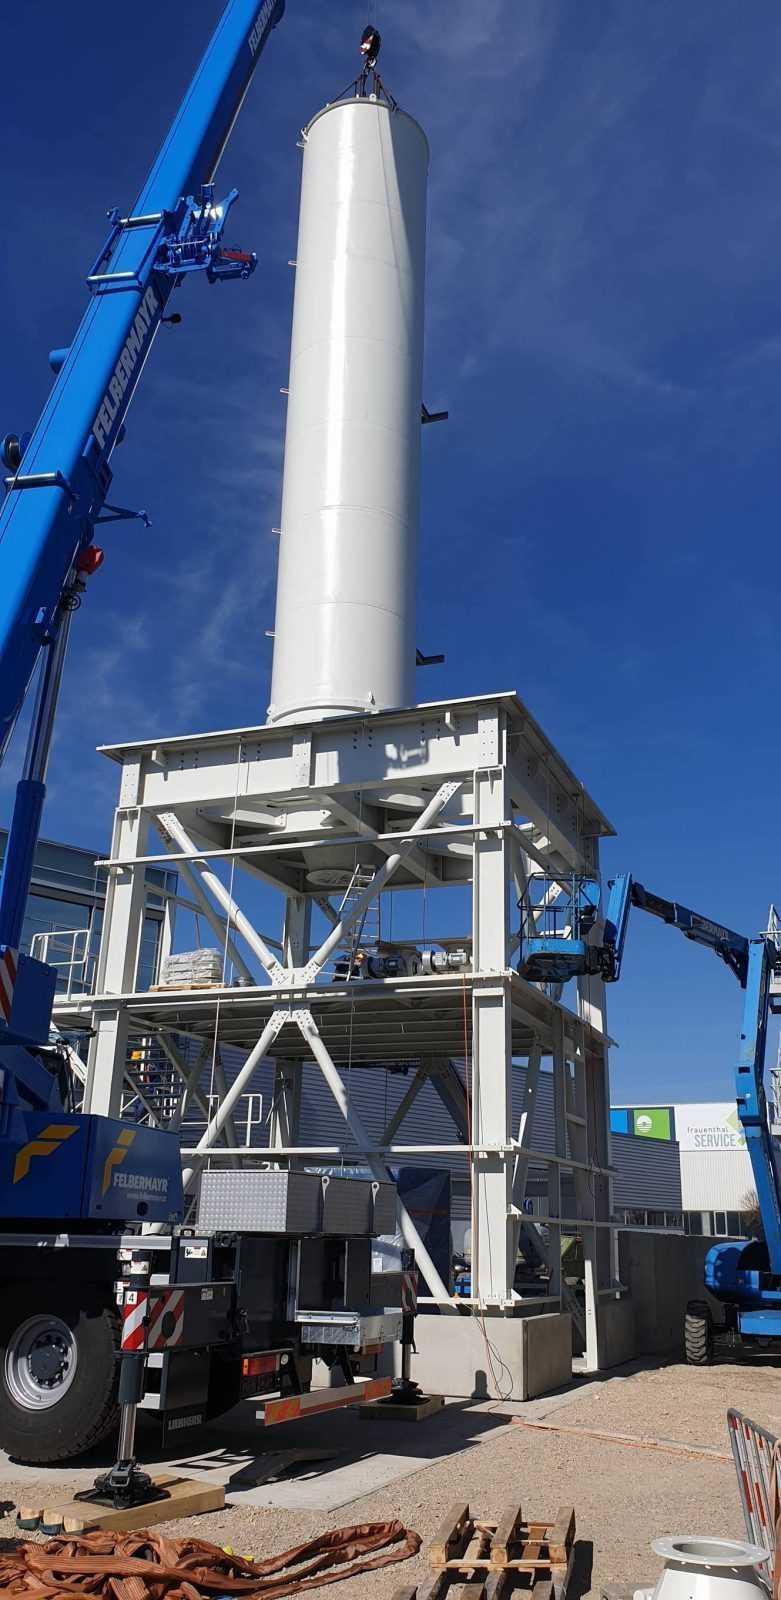 fullmet-construction-silos-14